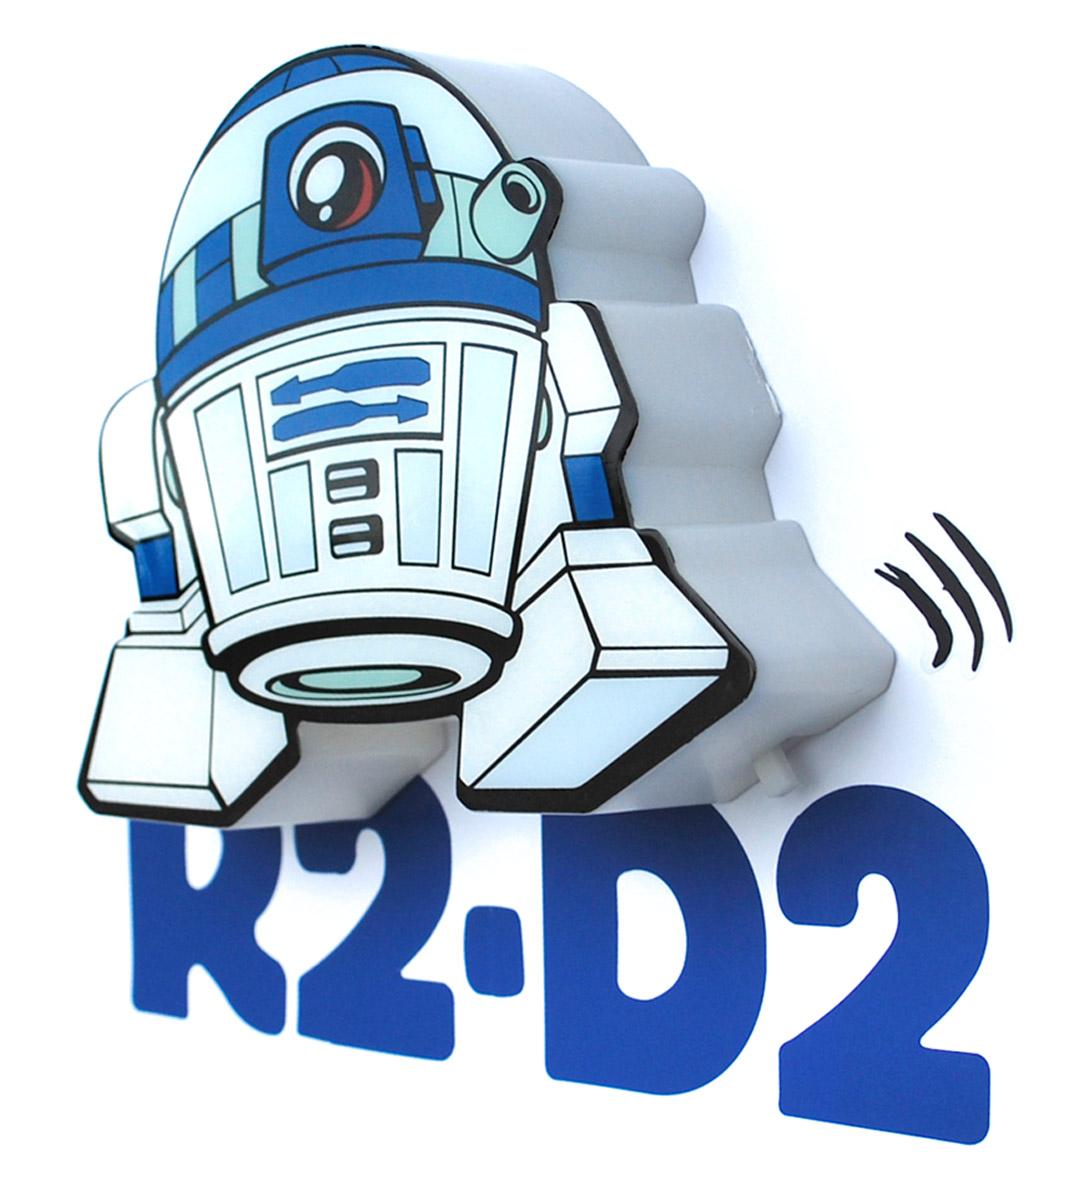 Star Wars Пробивной 3D мини-светильник R2-D250017120Безопасный: без проводов, работает от батареек (2хААА, не входят в комплект); Не нагревается: всегда можно дотронуться до изделия; Реалистичный:3D наклейка в комплекте; Фантастический: выглядит превосходно в любое время суток; Удобный: простая установка (автоматическое выключение через полчаса непрерывной работы). Товар предназначен для детей старше 3 лет. ВНИМАНИЕ! Содержит мелкие детали, использовать под непосредственным наблюдением взрослых. Страна происхождения: Китай. Дизайн и разработка: Канада.